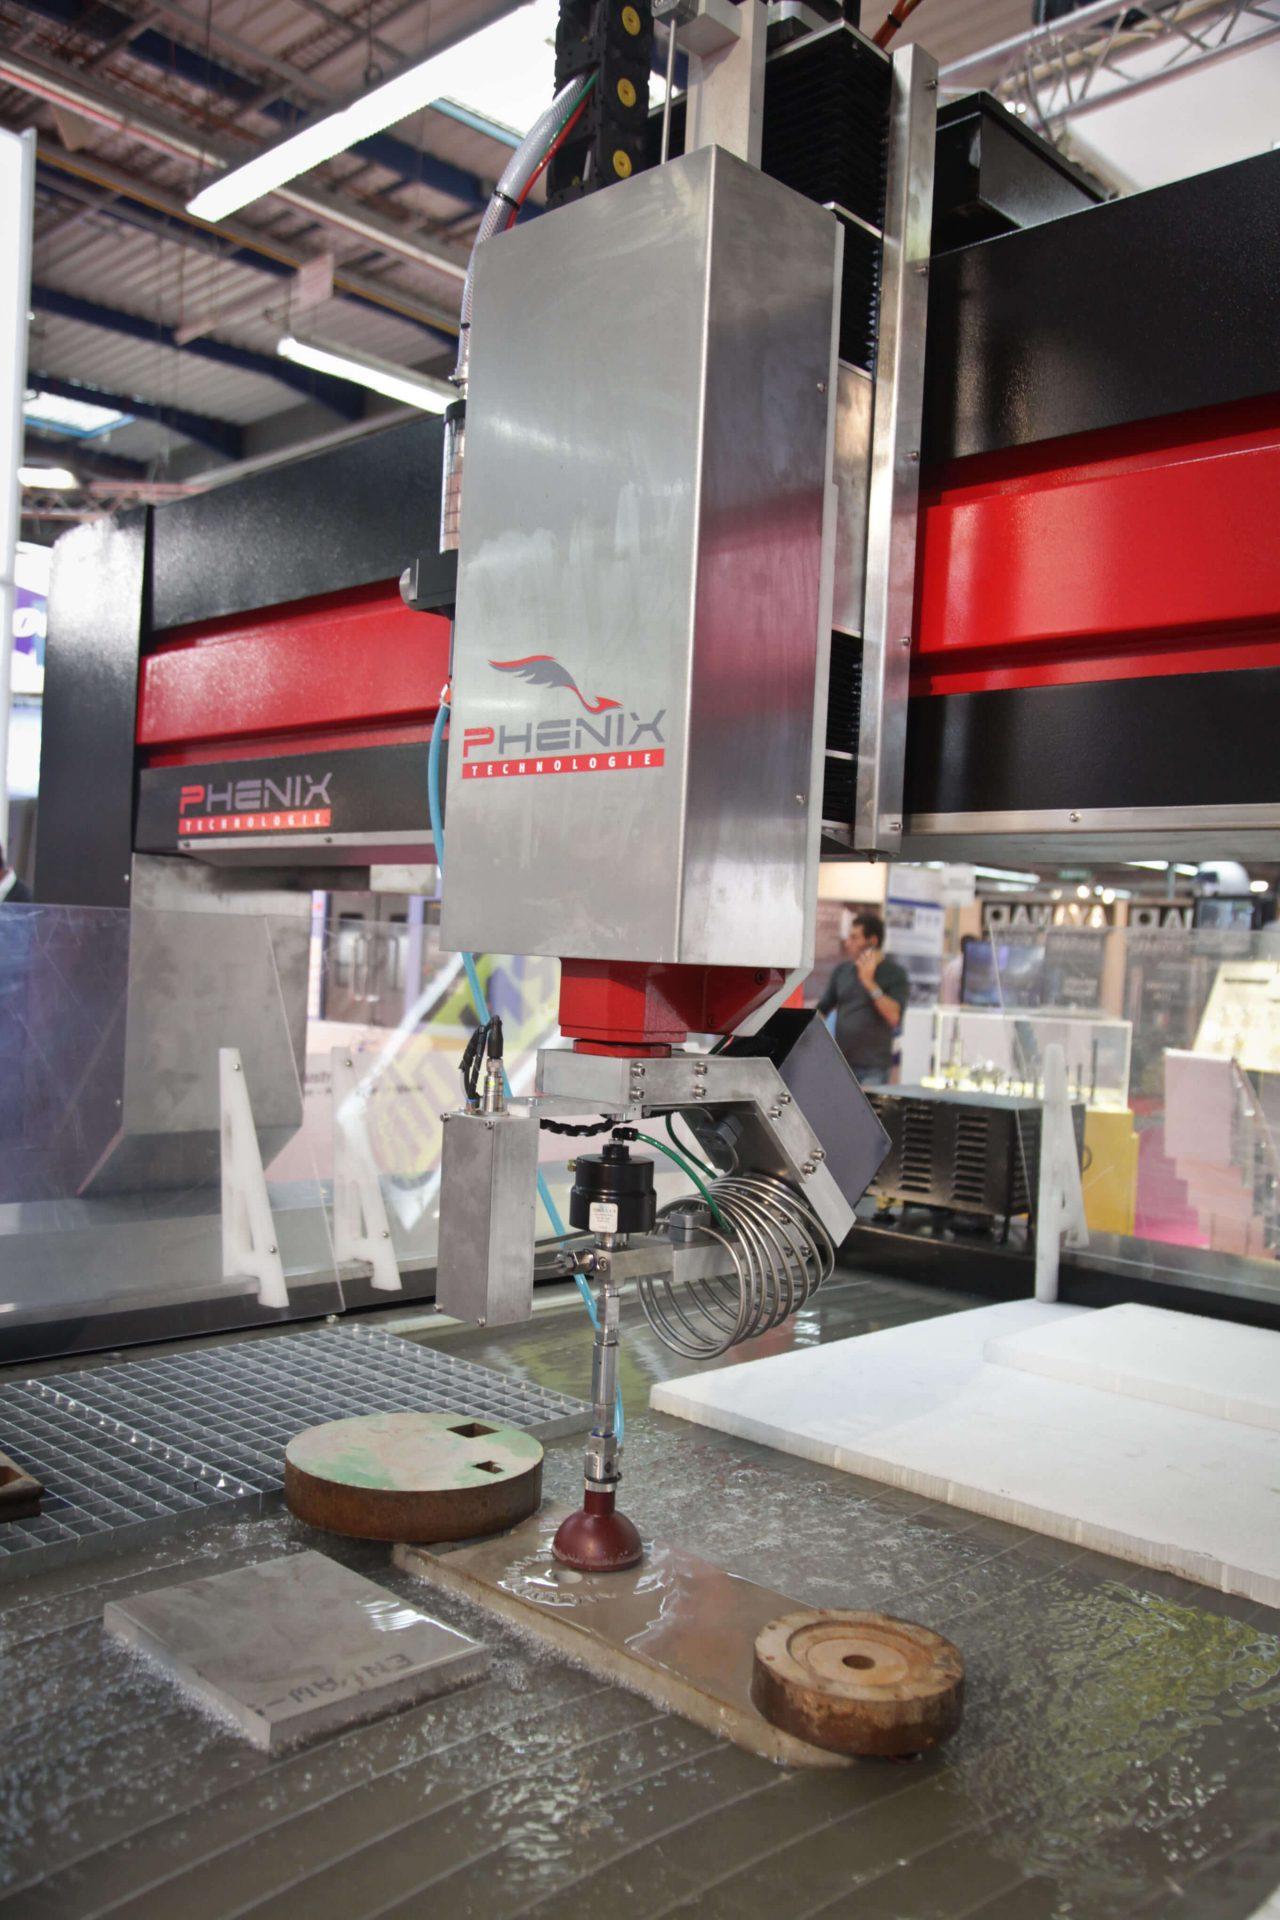 SIAN 2016 0270027 e1480063934794 - Phénix Technologie présent sur le SIANE salon des partenaires de l'Industrie